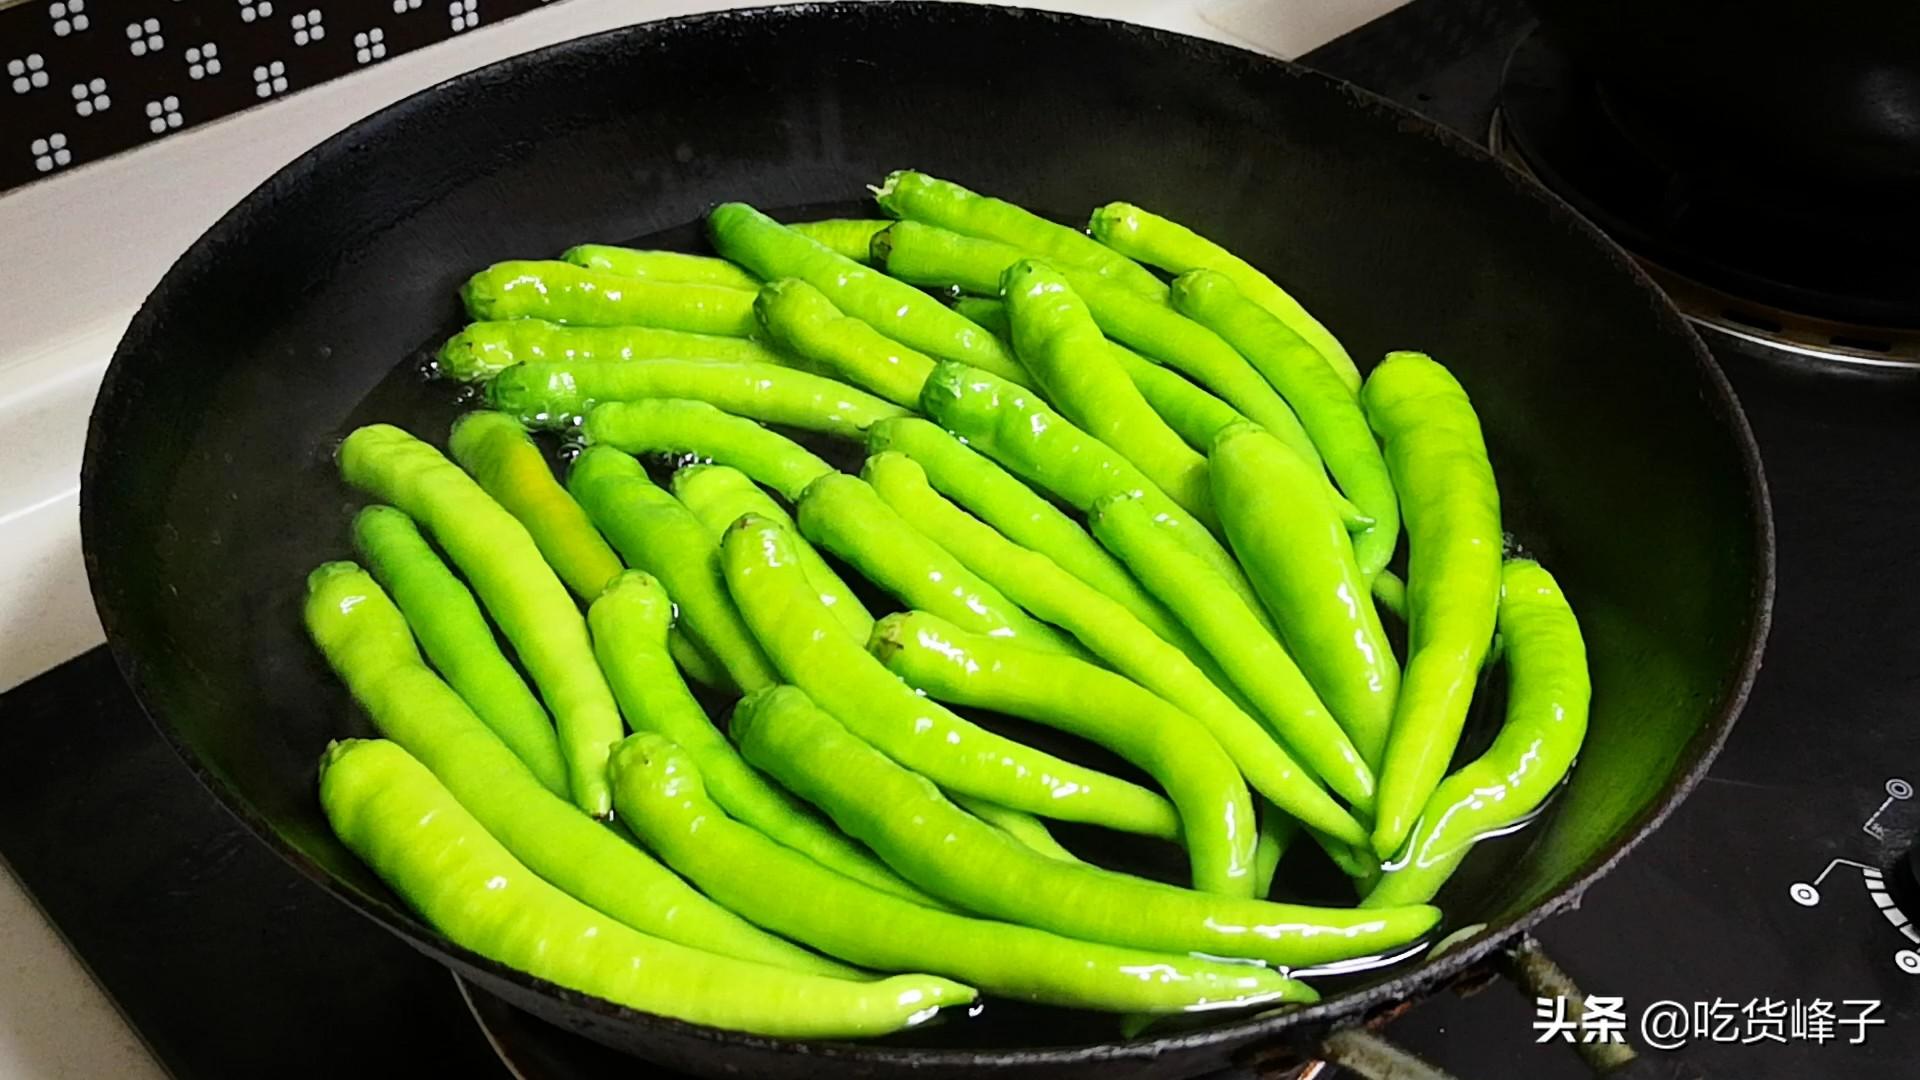 把辣椒放锅里煮一煮,没想到这么好吃,我家3天2头吃,香辣下饭 美食做法 第1张